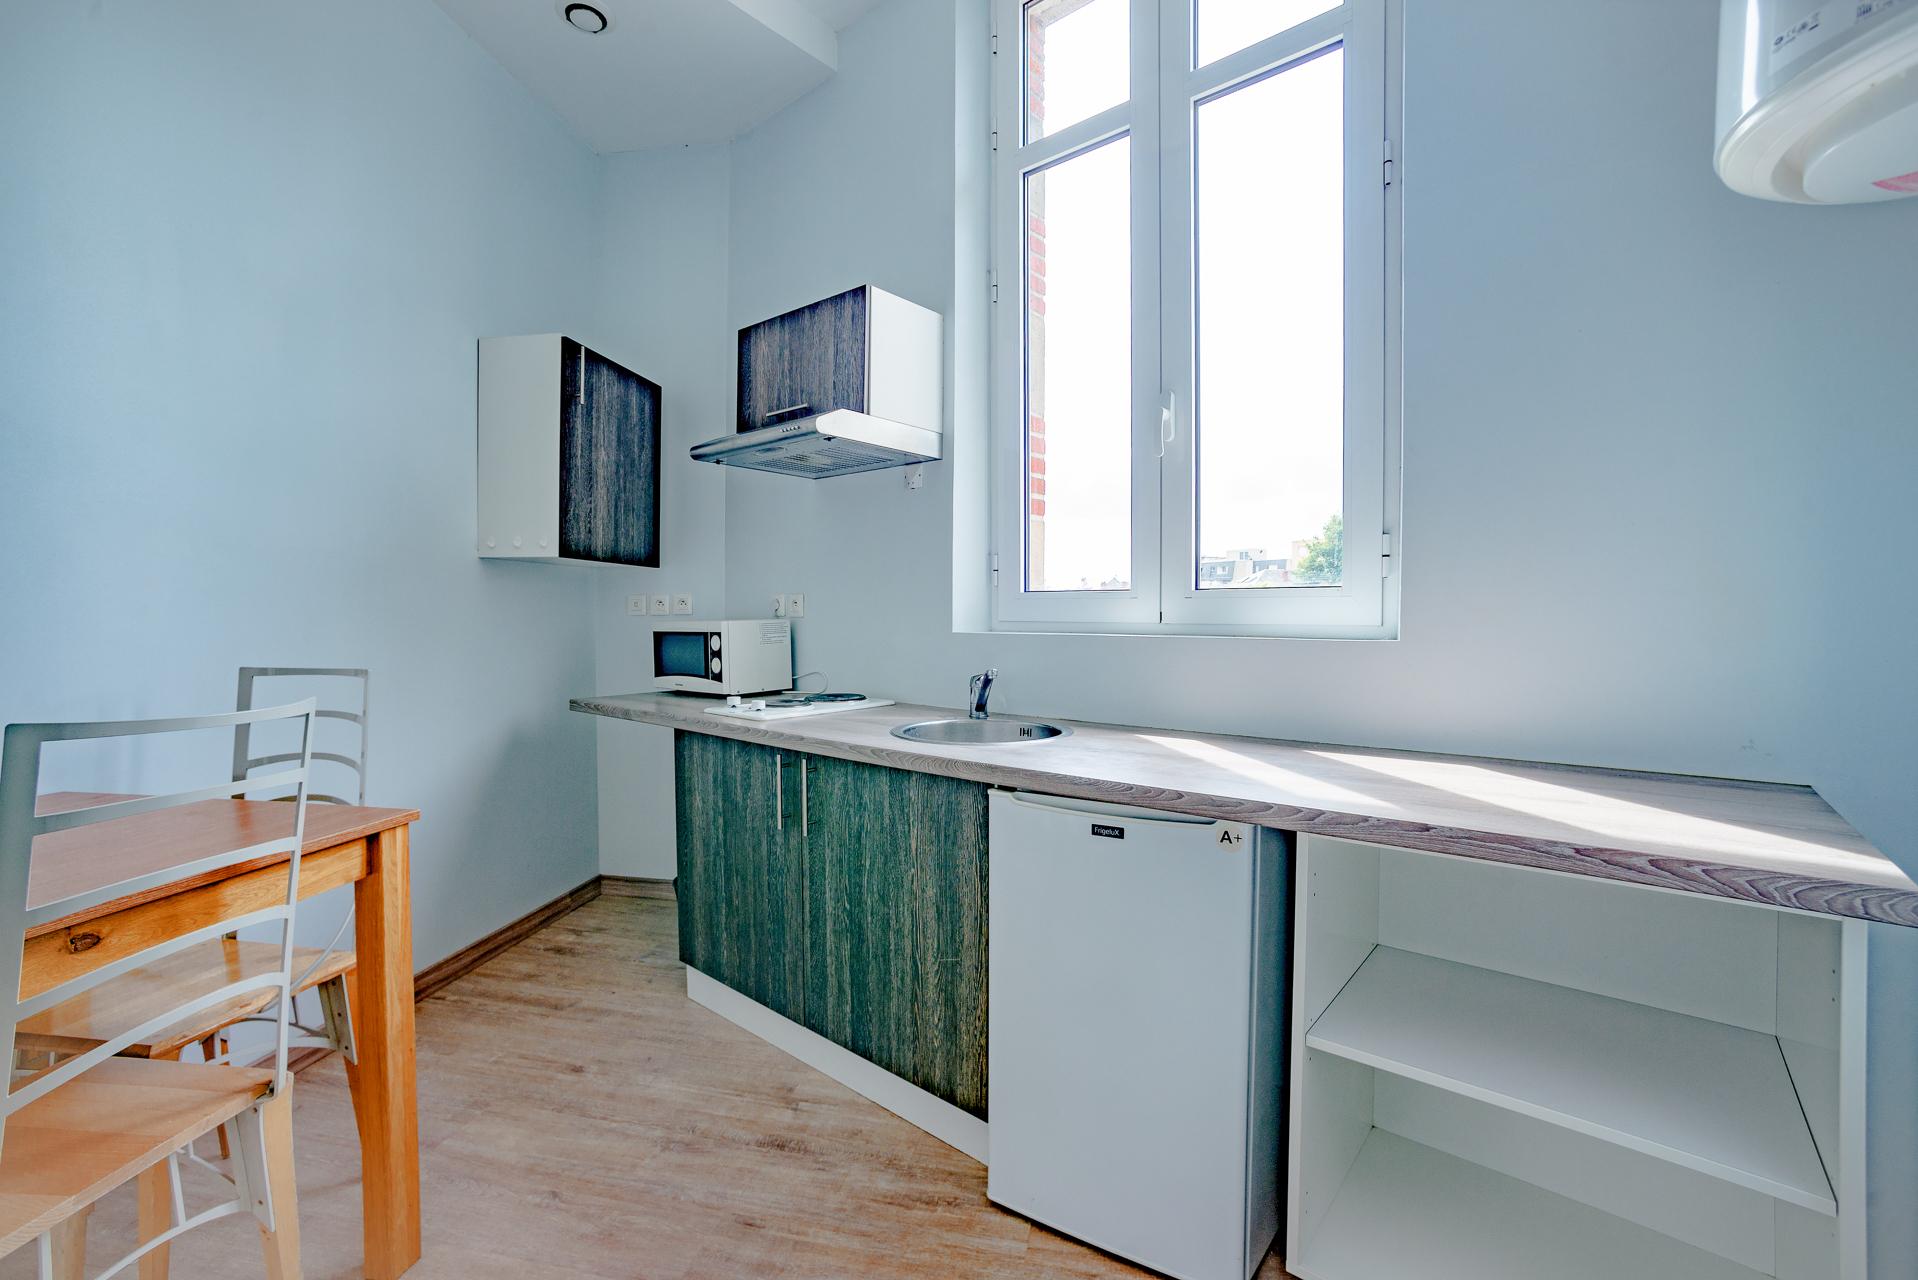 Kitchen Studio 207 - photo 2